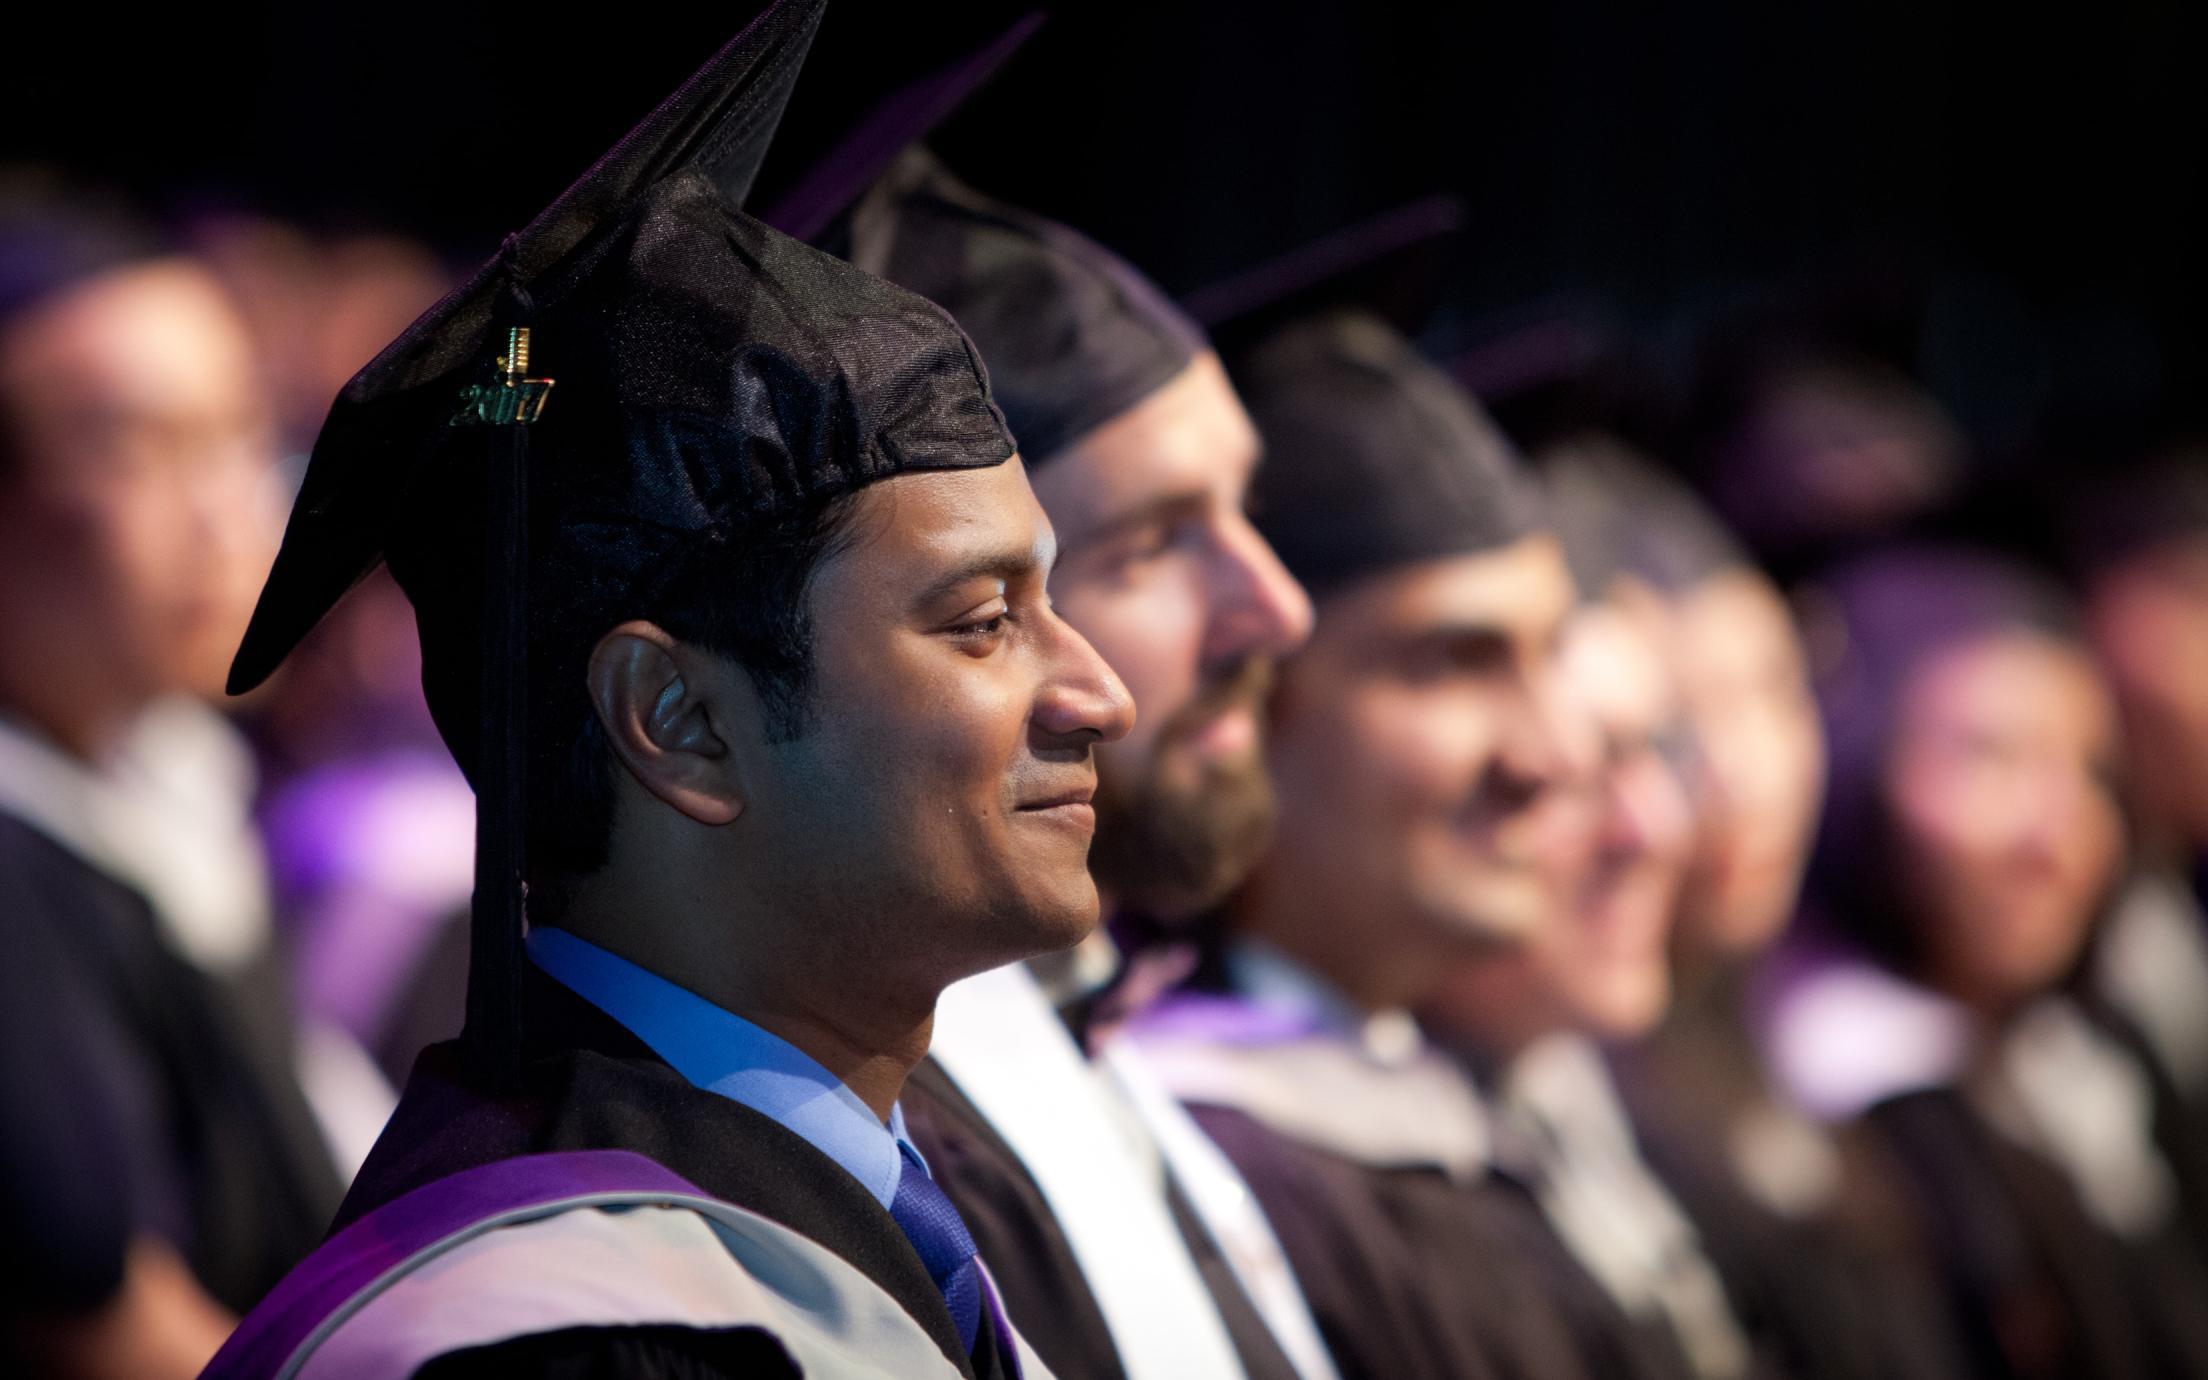 About VIU - Graduation